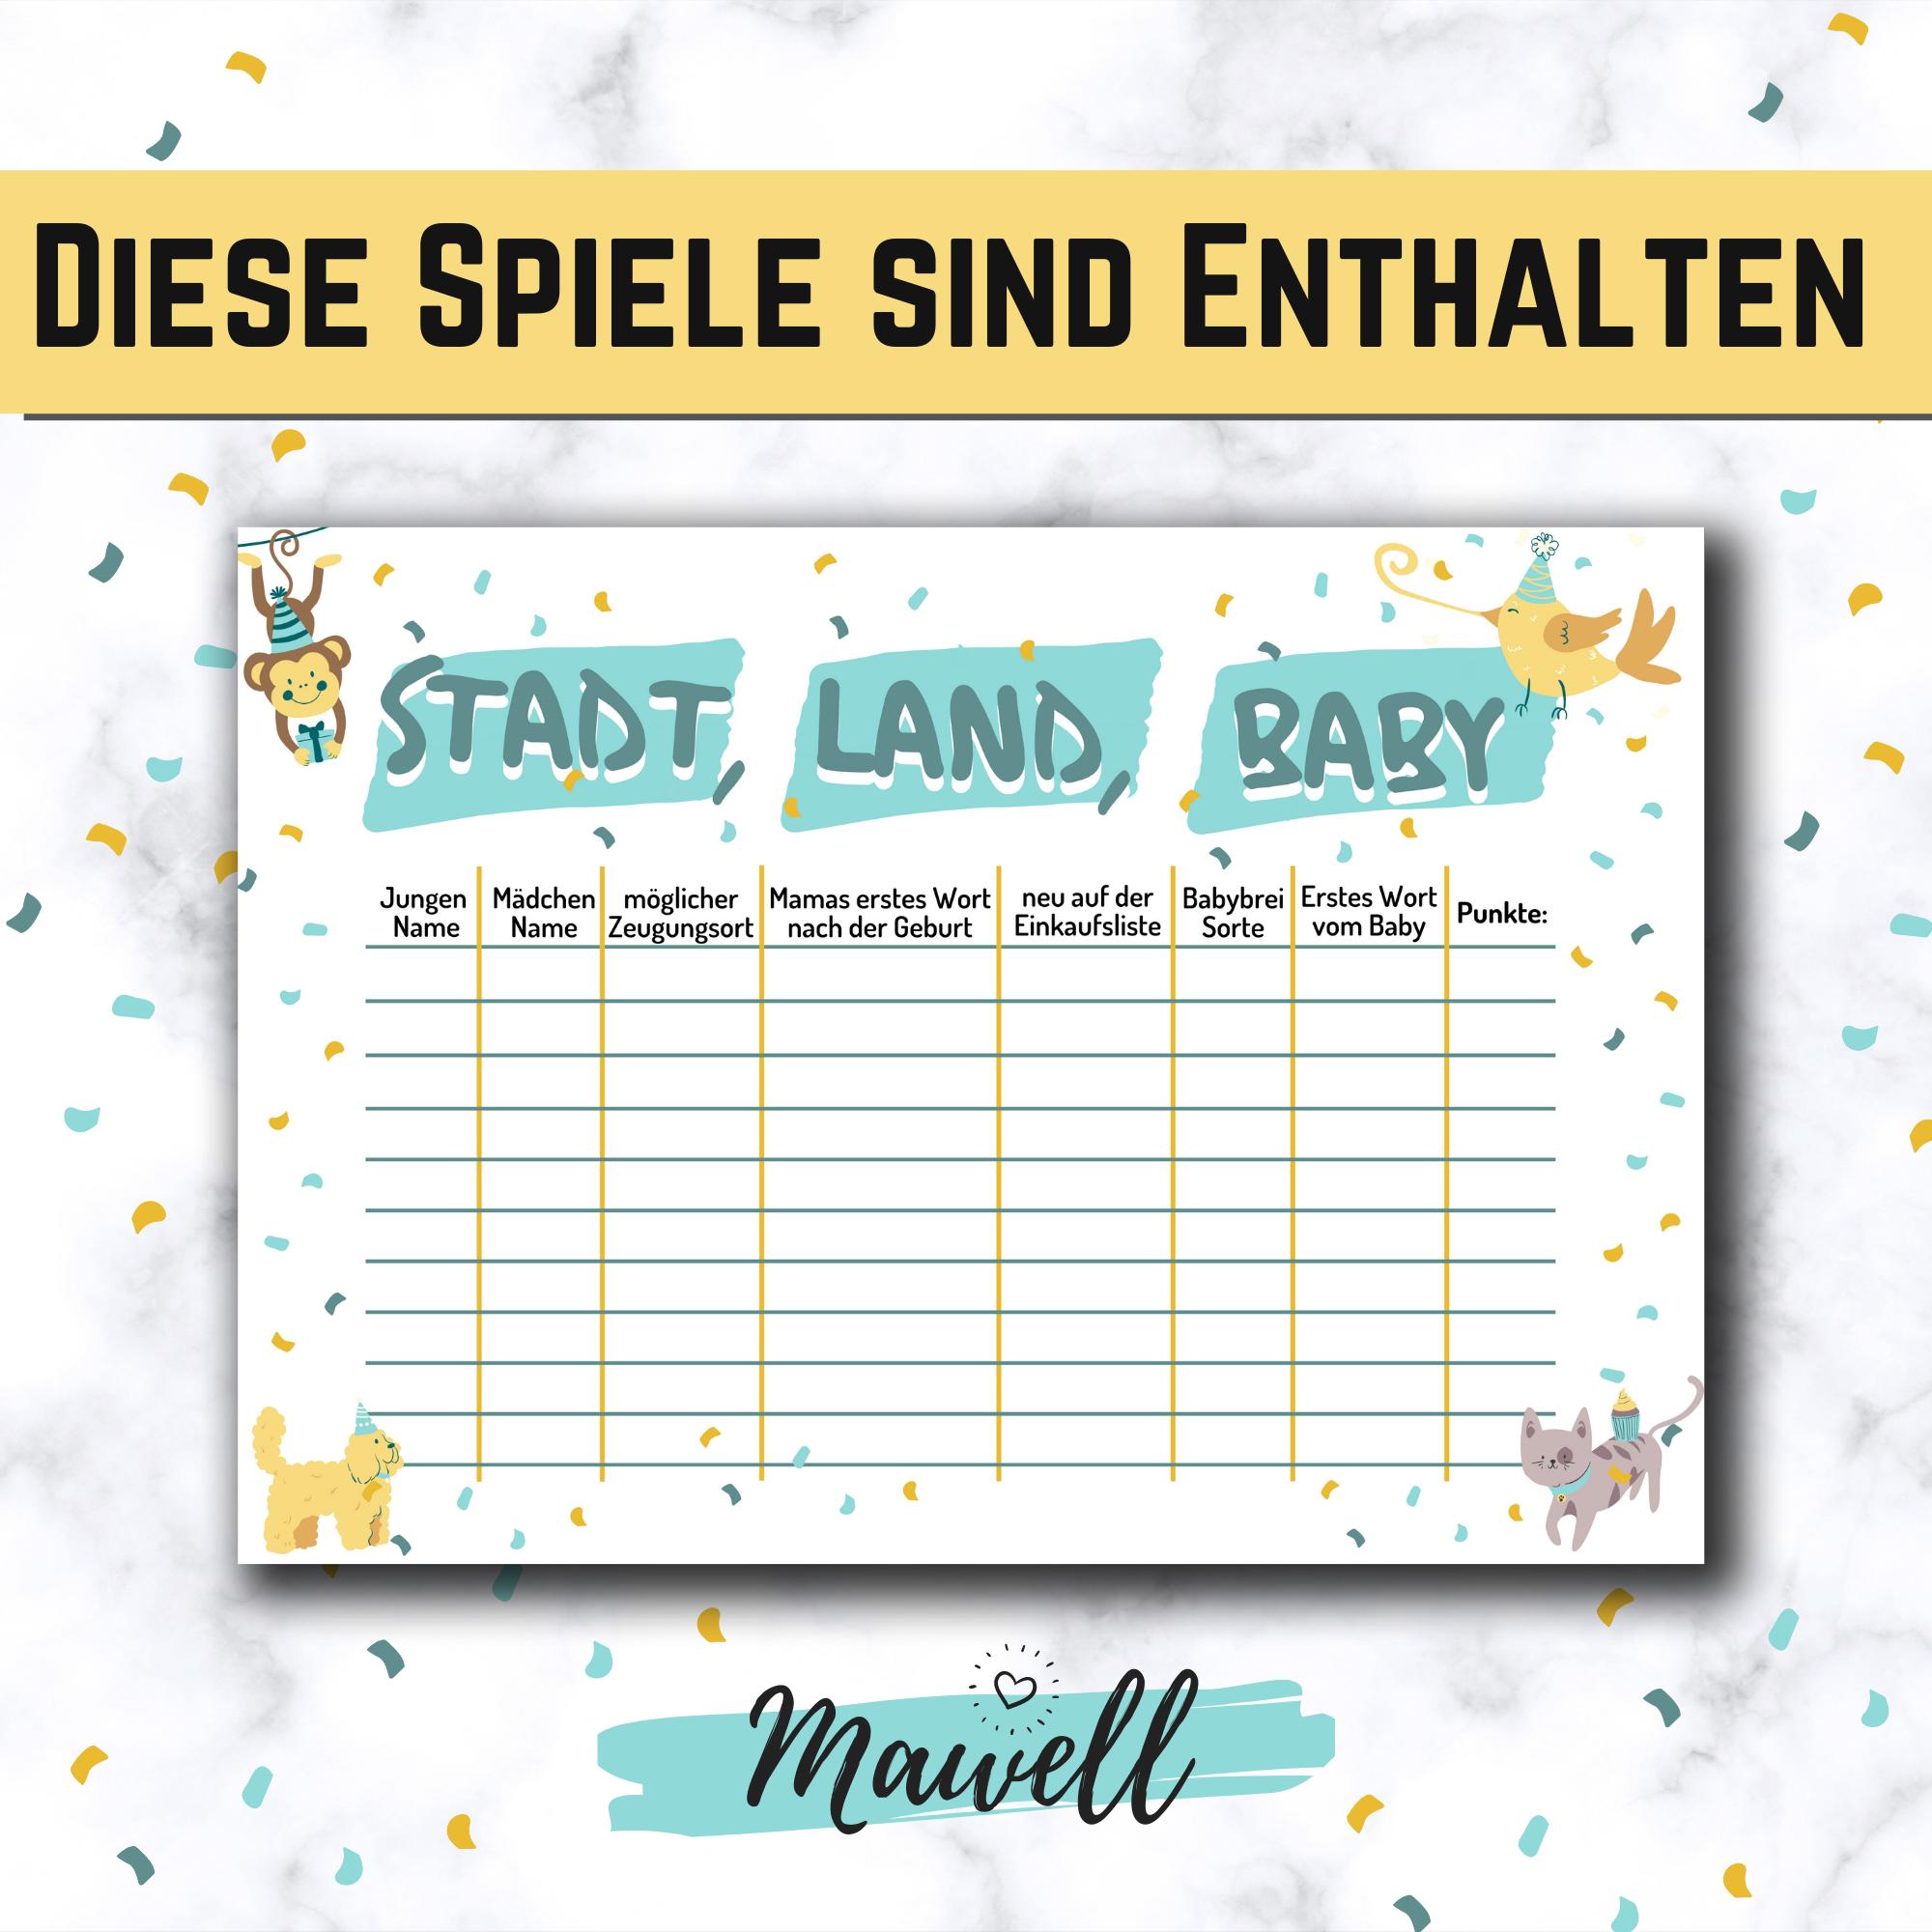 9 1 Babyparty Spiele Vorlagen Als Pdf Zum Sofort Download Und Ausdrucken Babyshower Games Baby Party Ideen Auf Deutsch Bullet Journal Journal